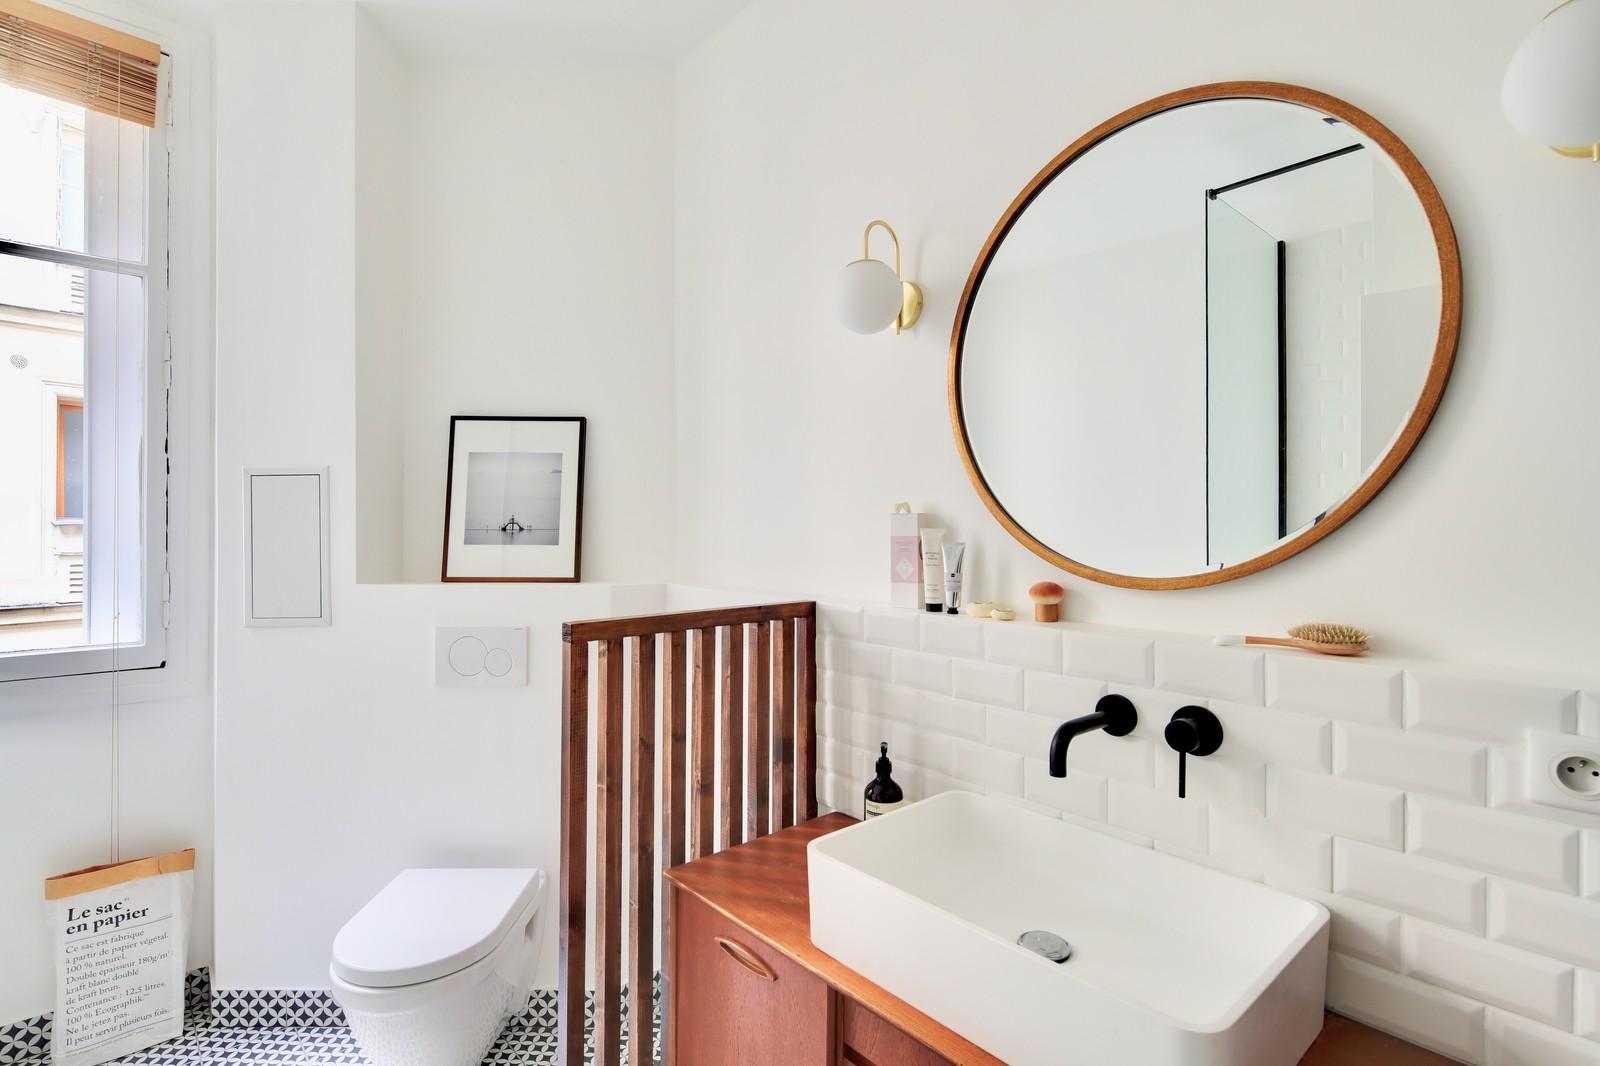 salle de bain claustra toilettes intimite